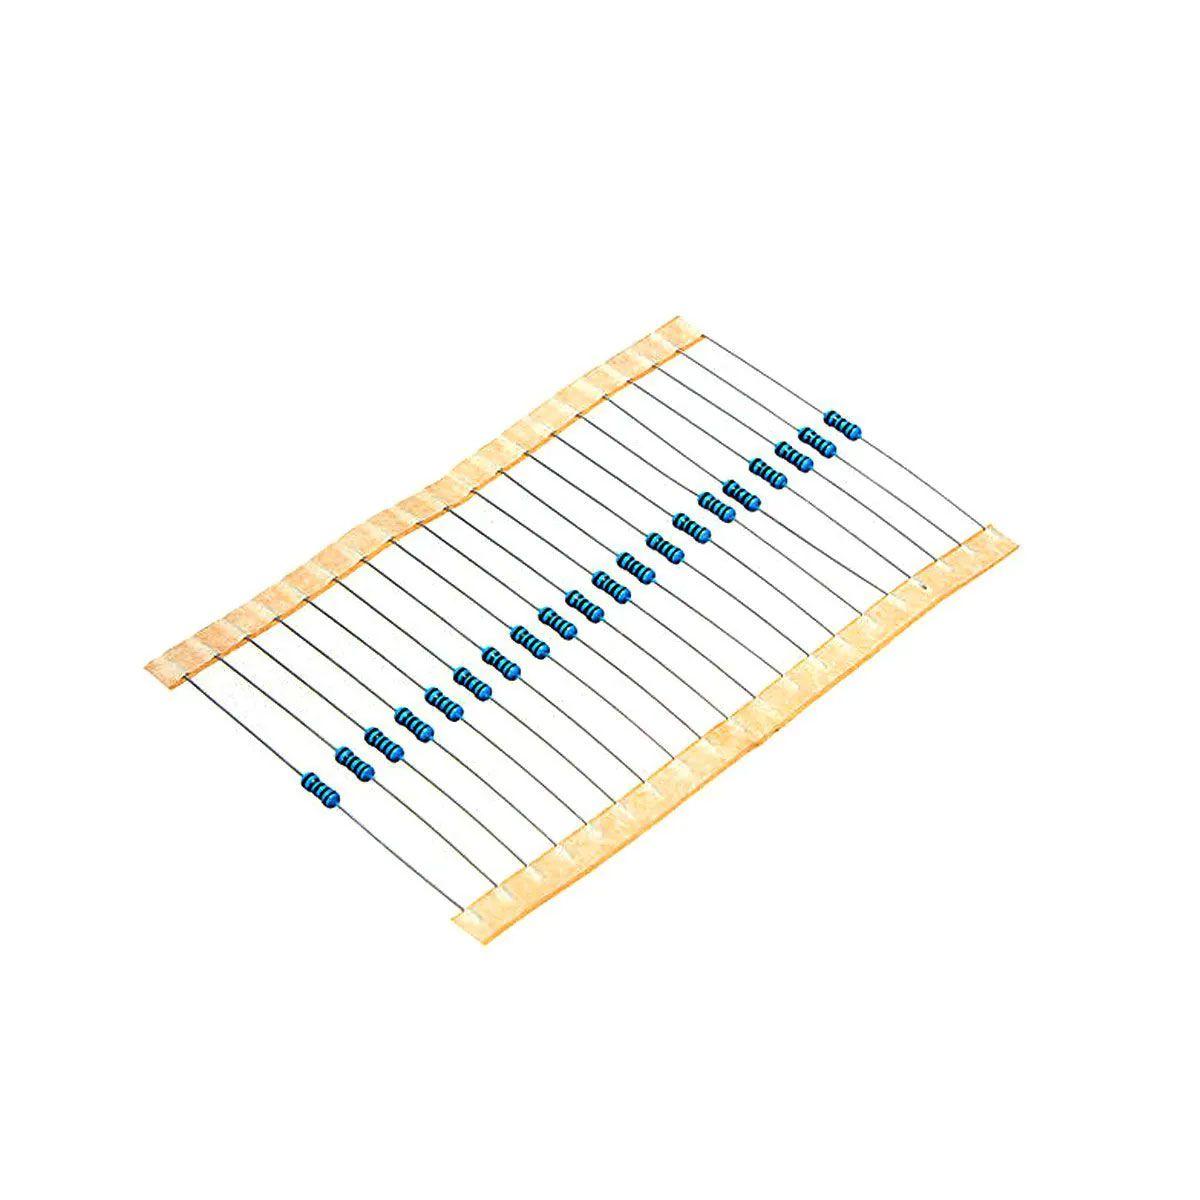 20x Resistor 20 Ohms 1/4 W